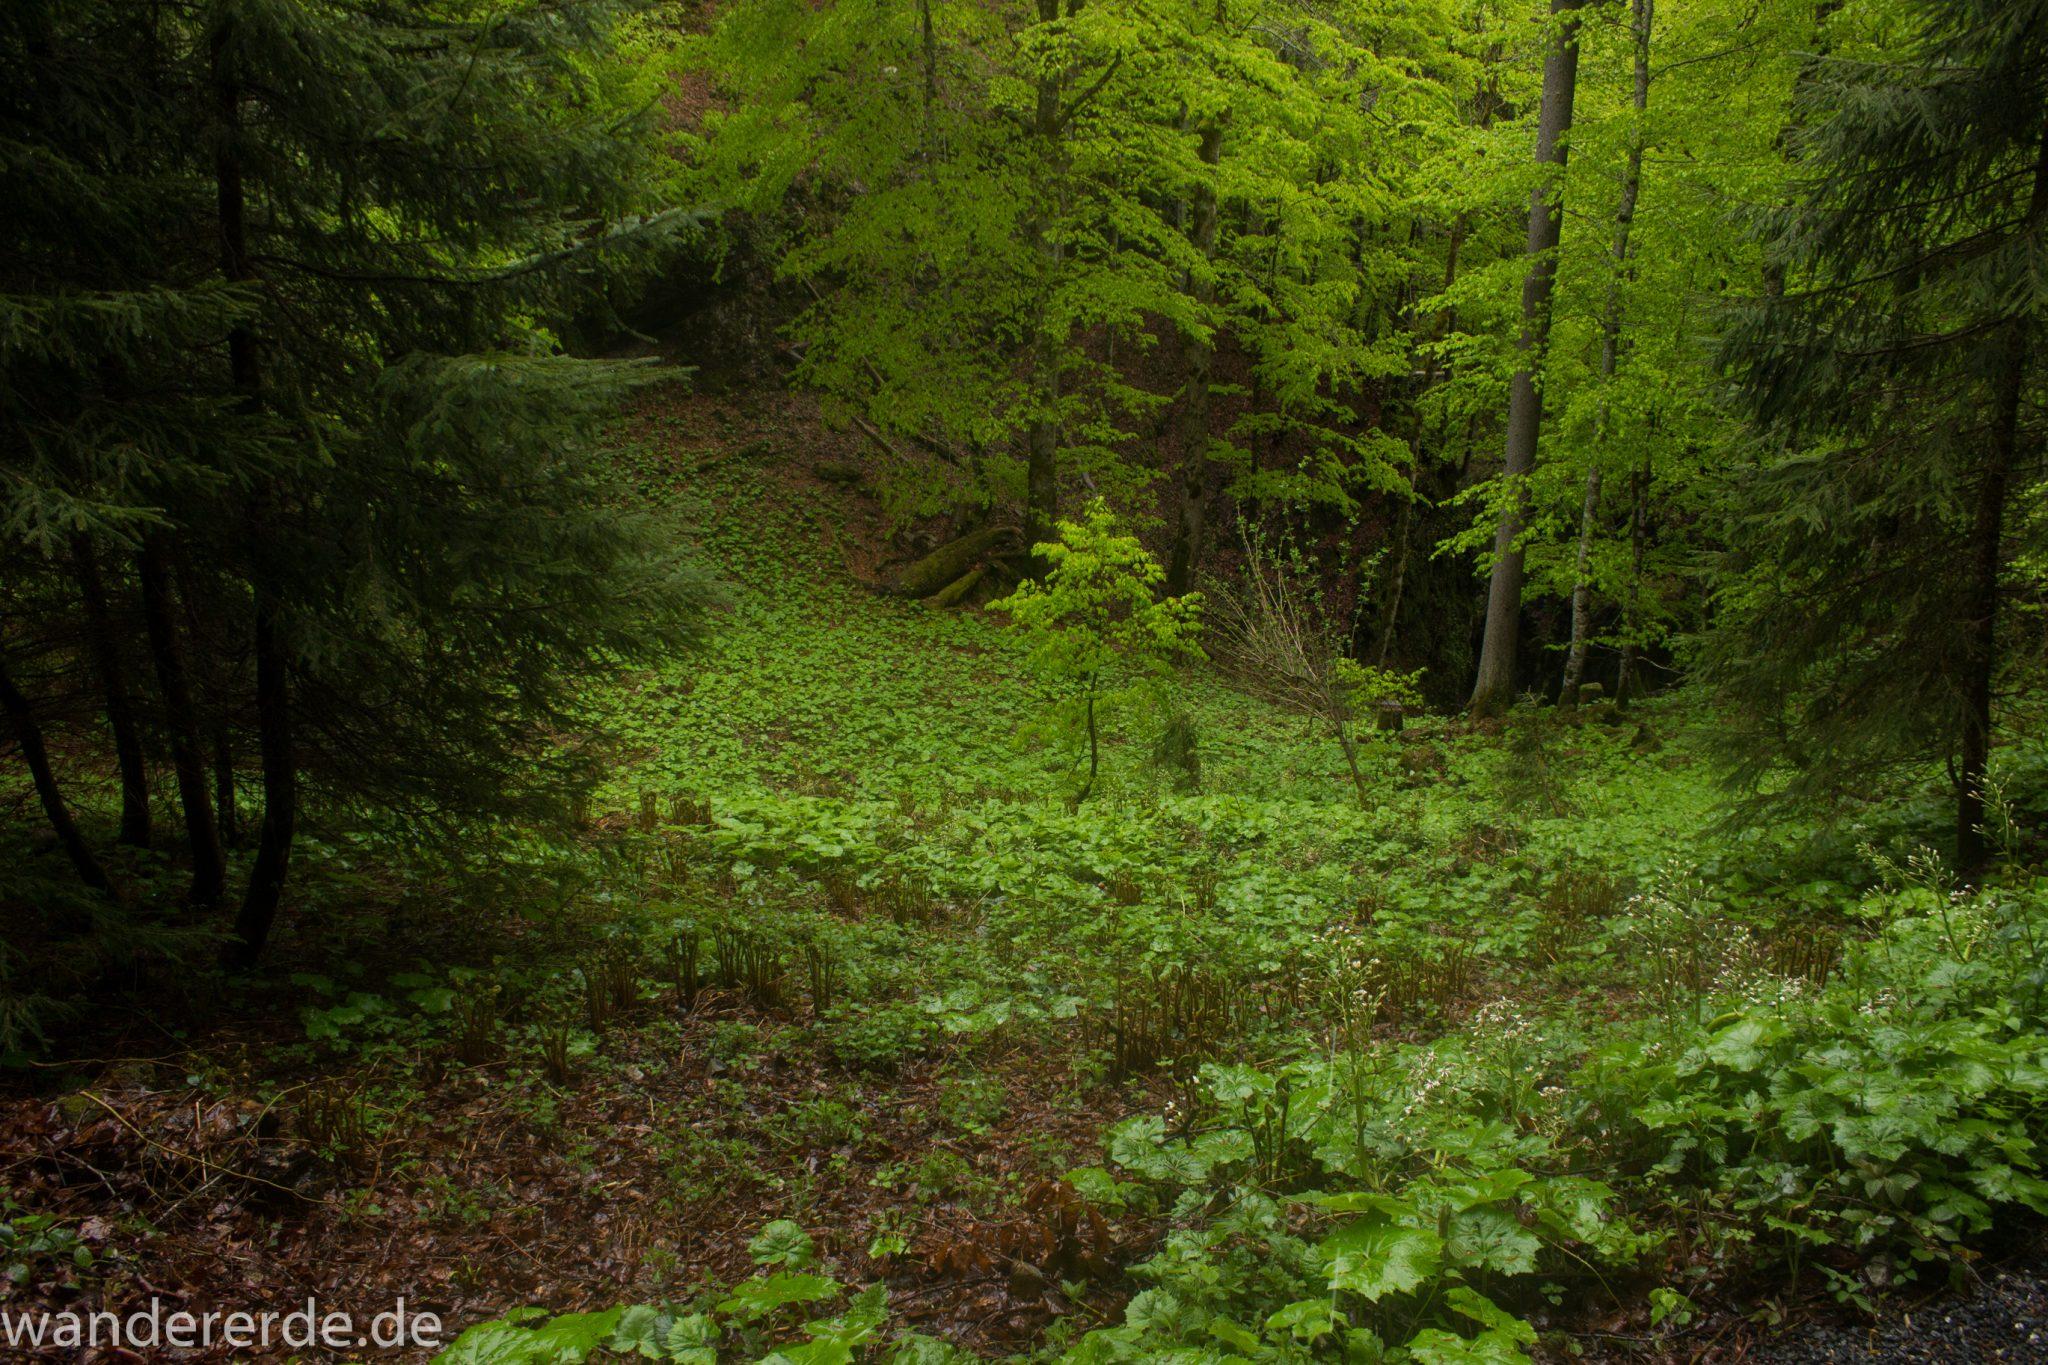 Wanderung bei der Breitachklamm im Allgäu, Wanderweg zum Waldhaus umgeben von schönem Wald